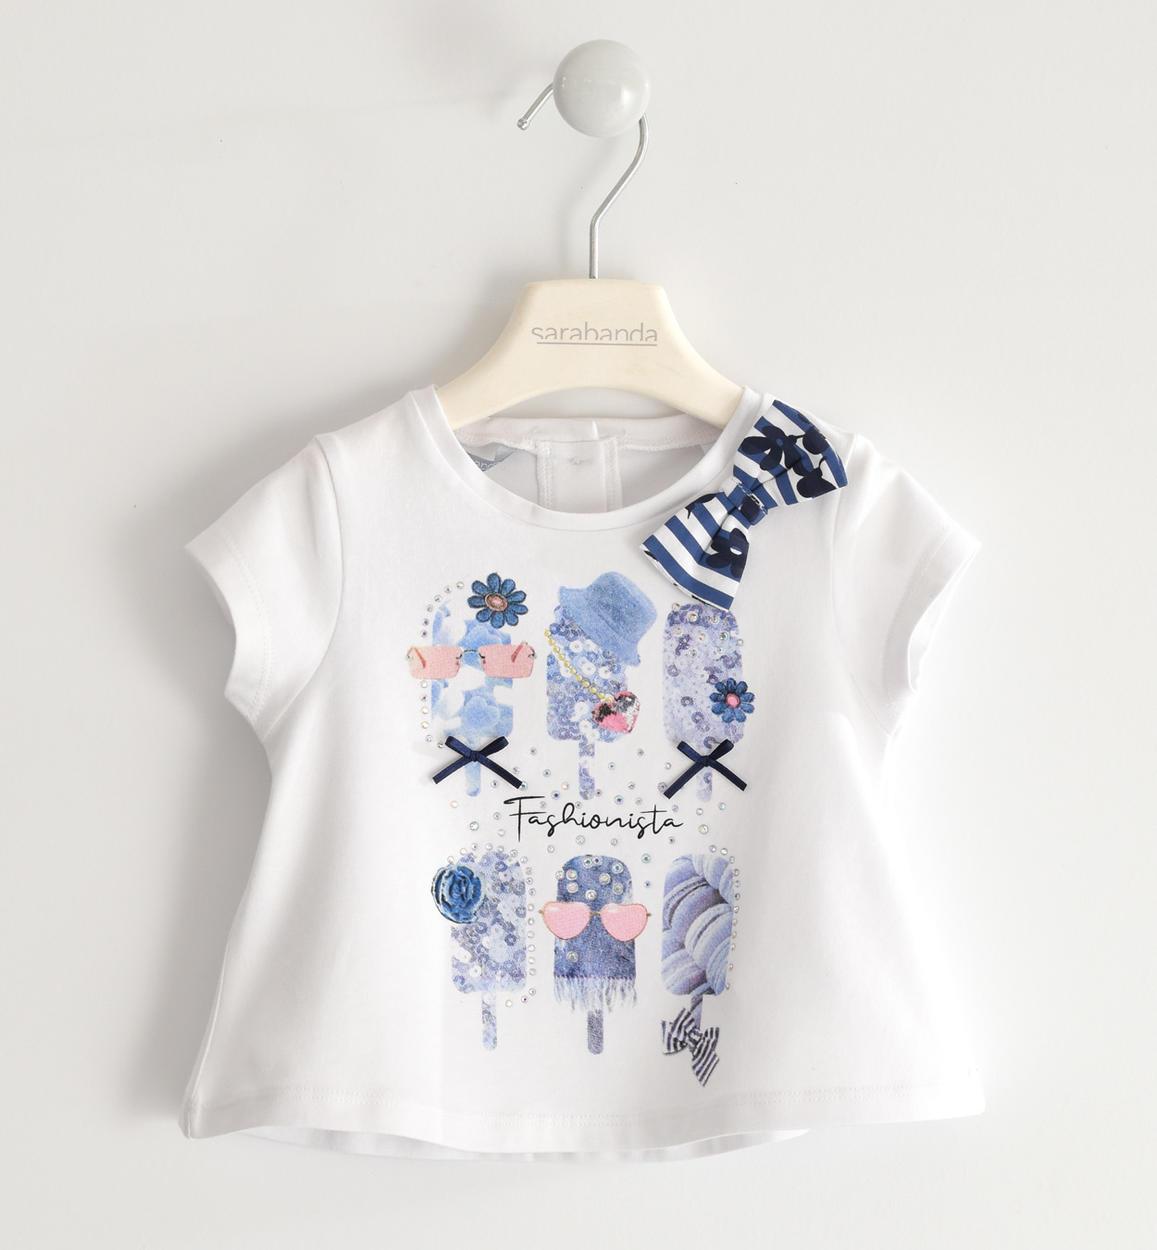 Sarabanda jégkrémes póló 92